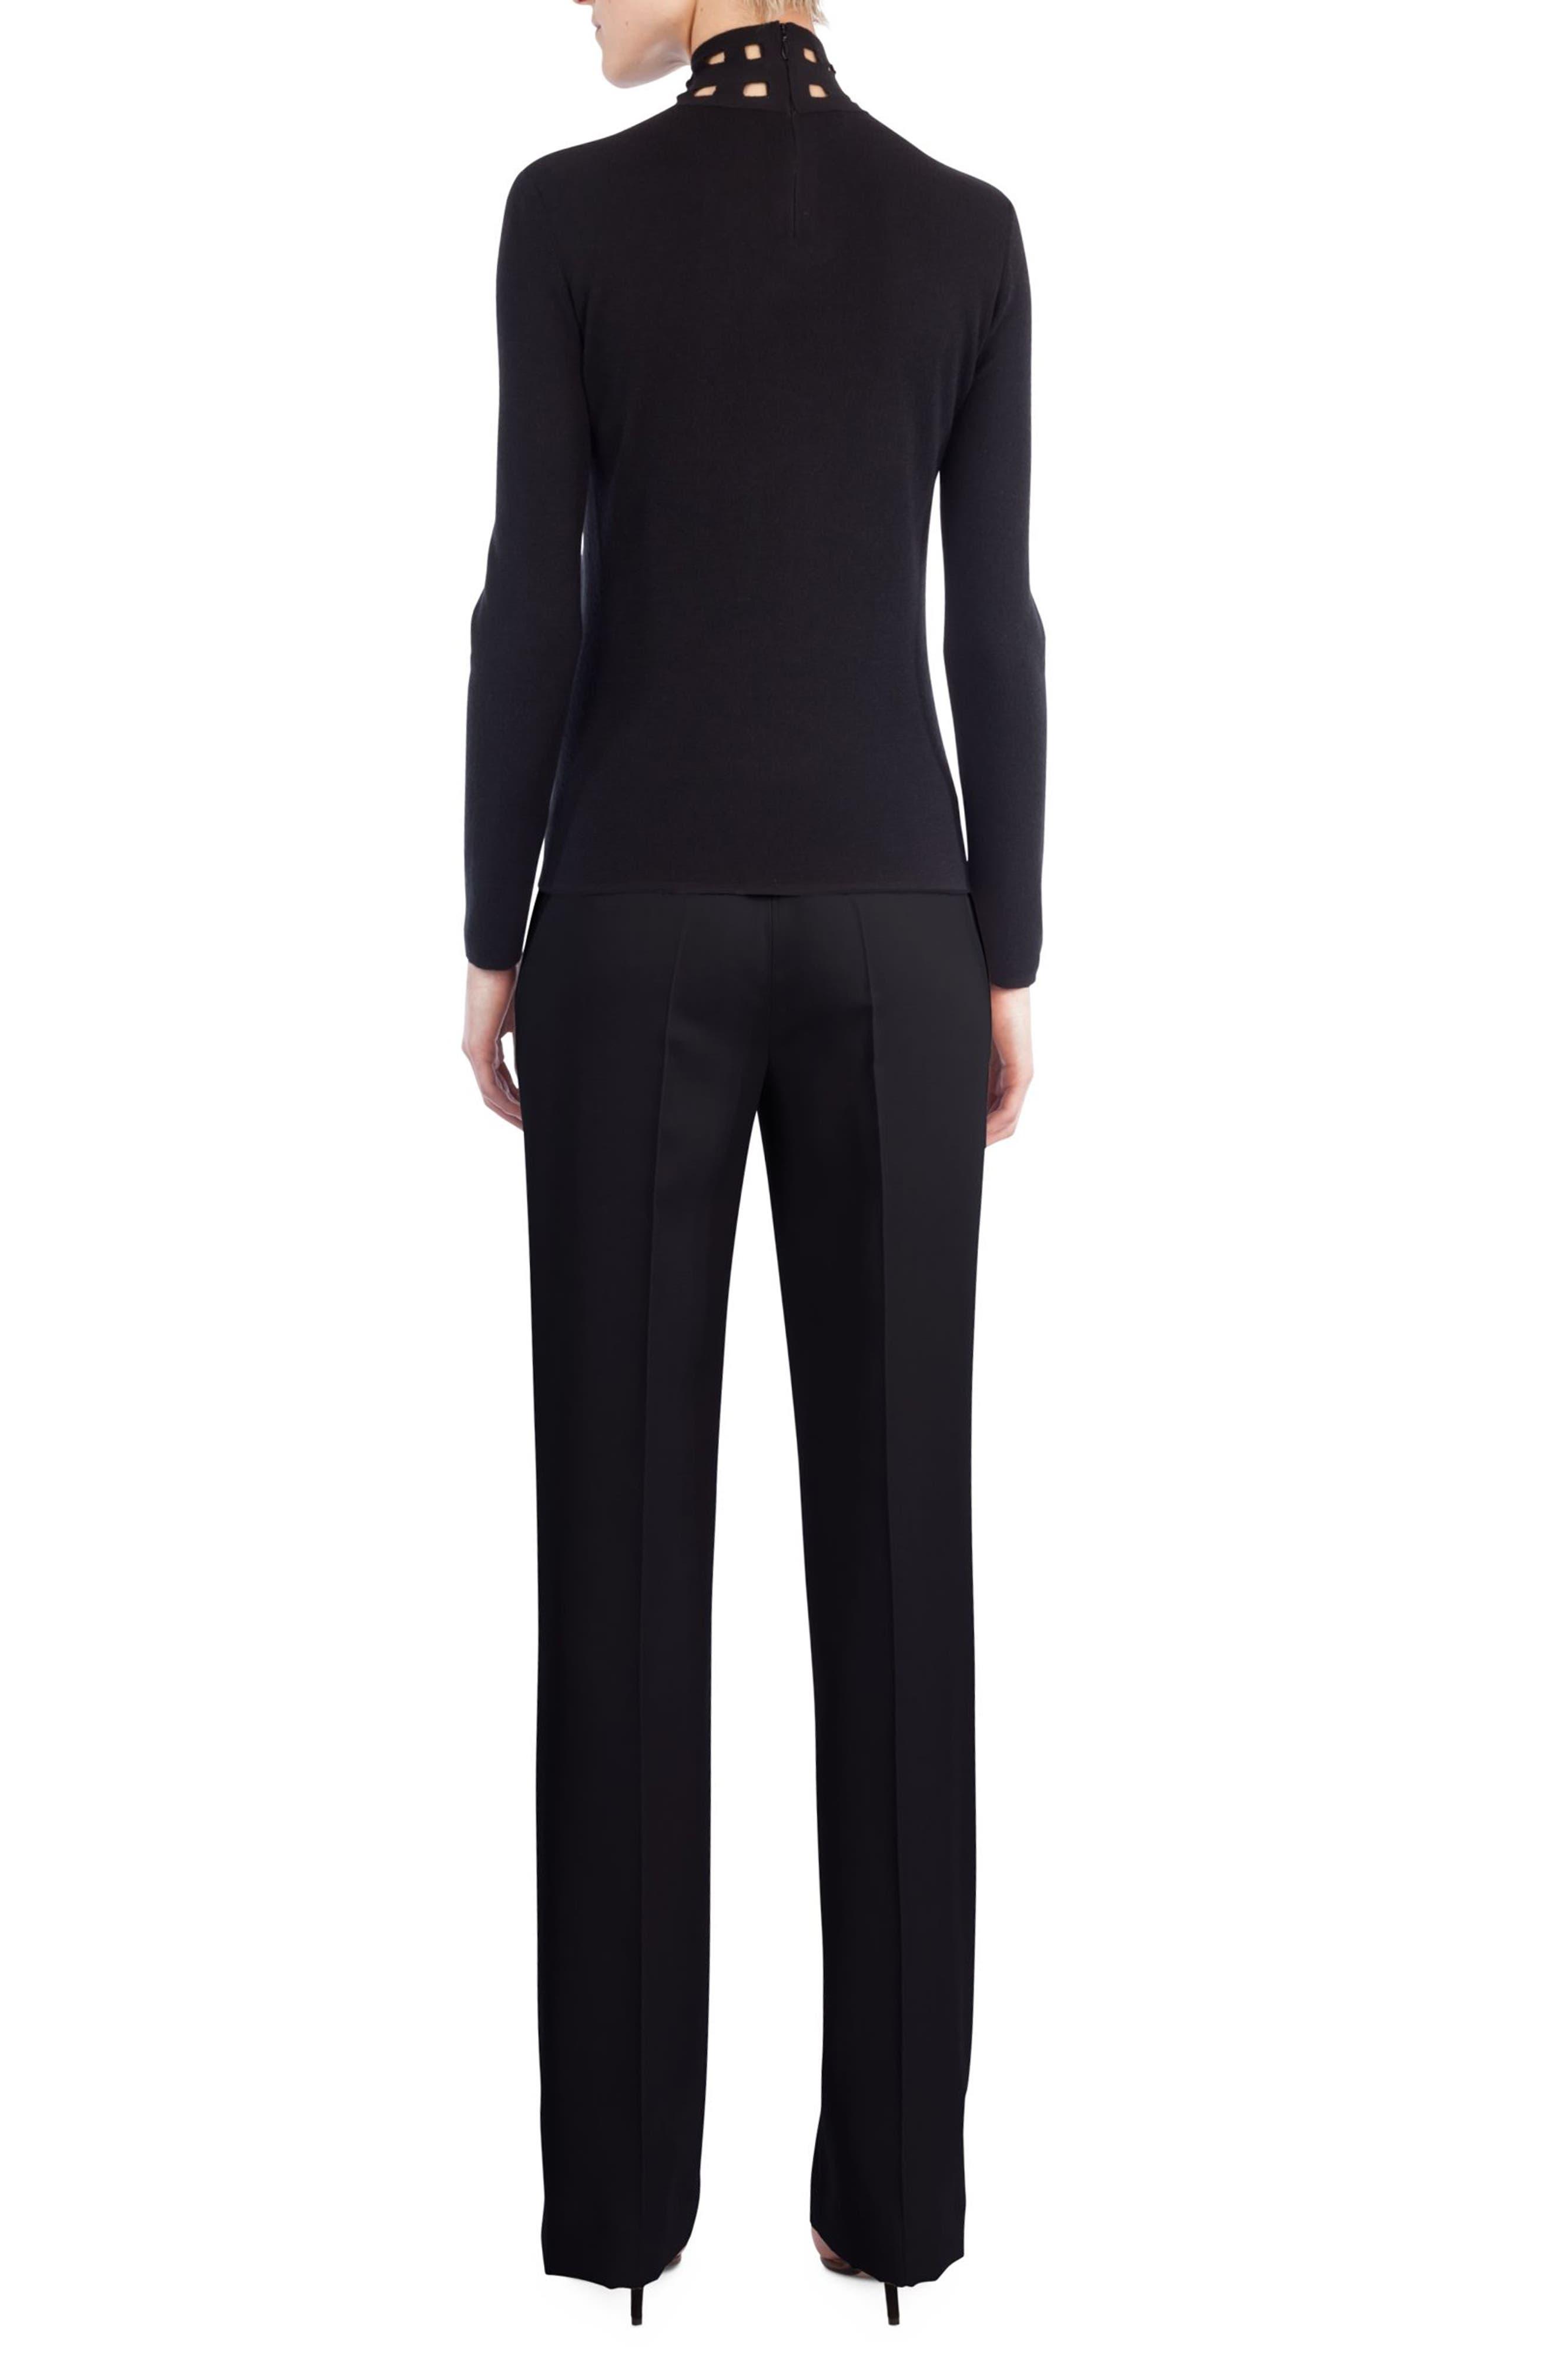 St. Gallen Cutout Cashmere & Silk Turtleneck Sweater,                             Alternate thumbnail 2, color,                             Black